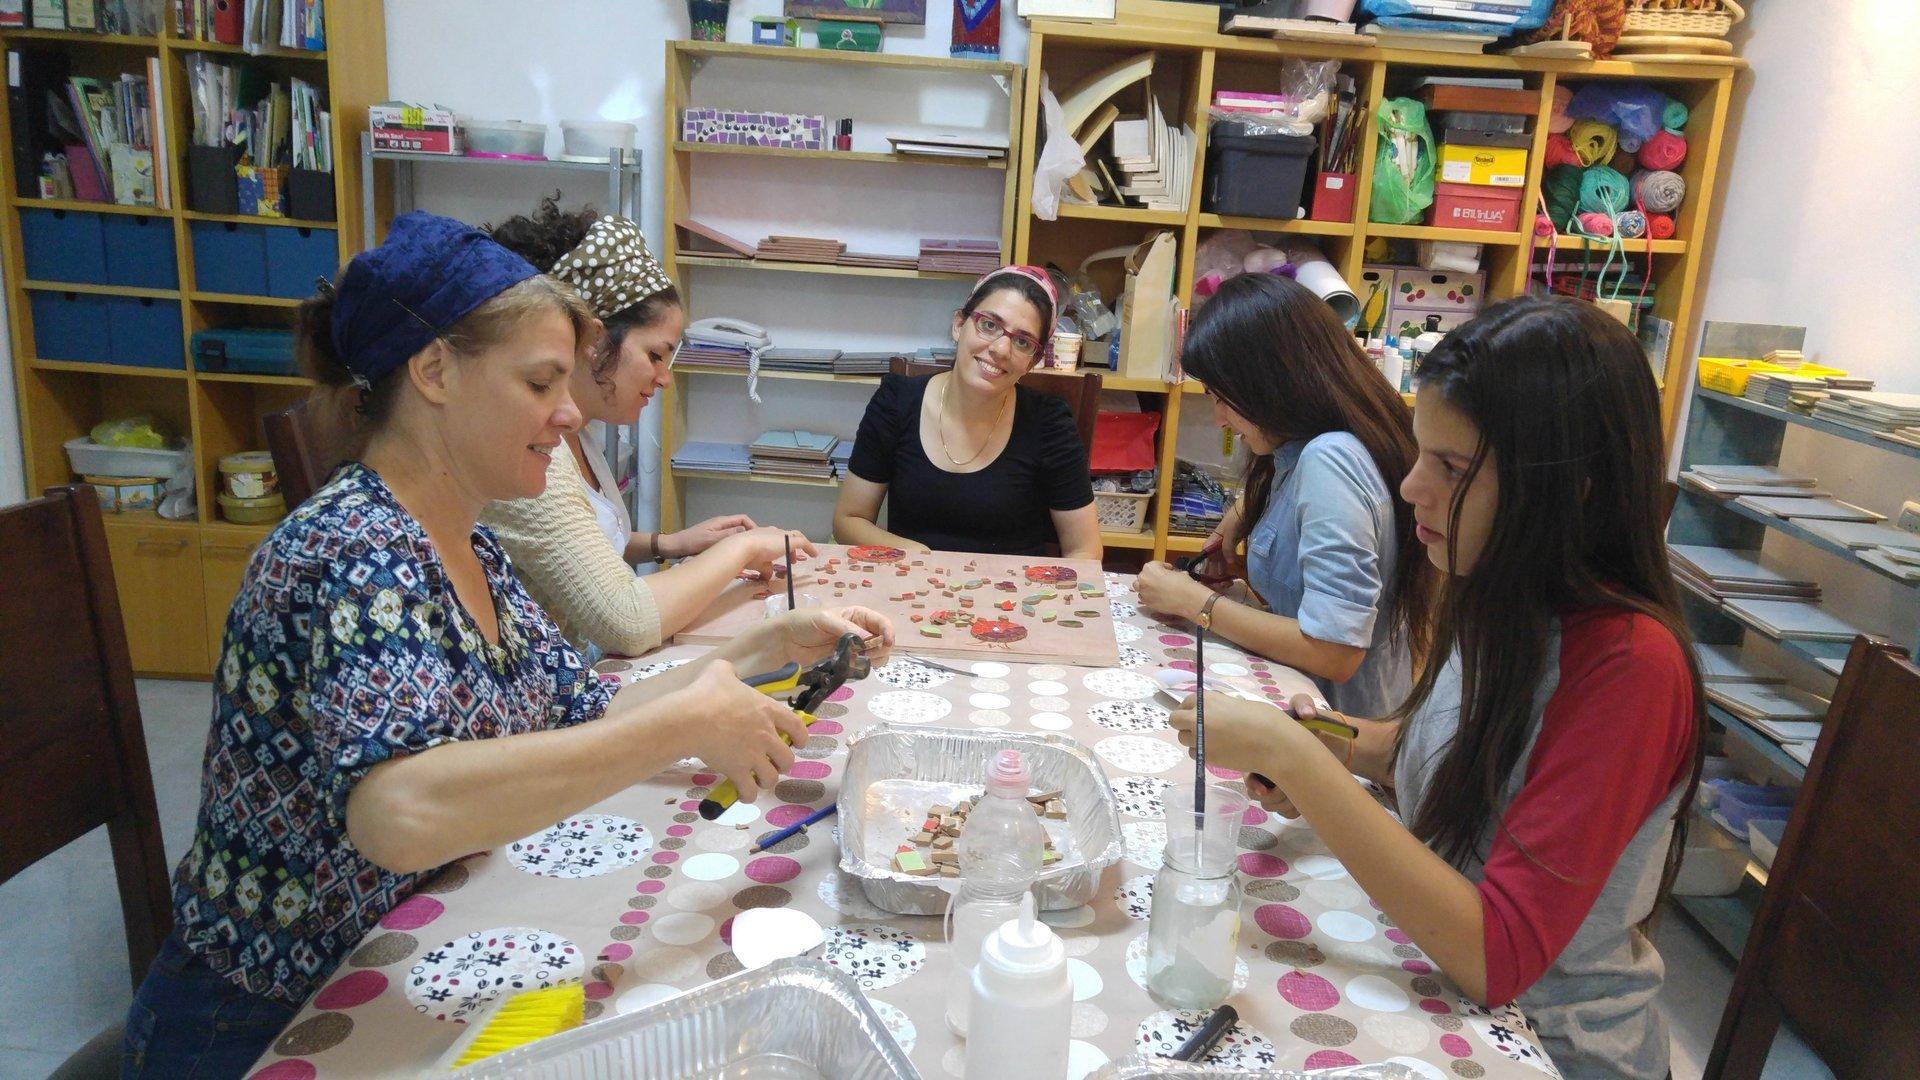 תלמידות בסטודיו לפסיפס של רבקה במודיעין